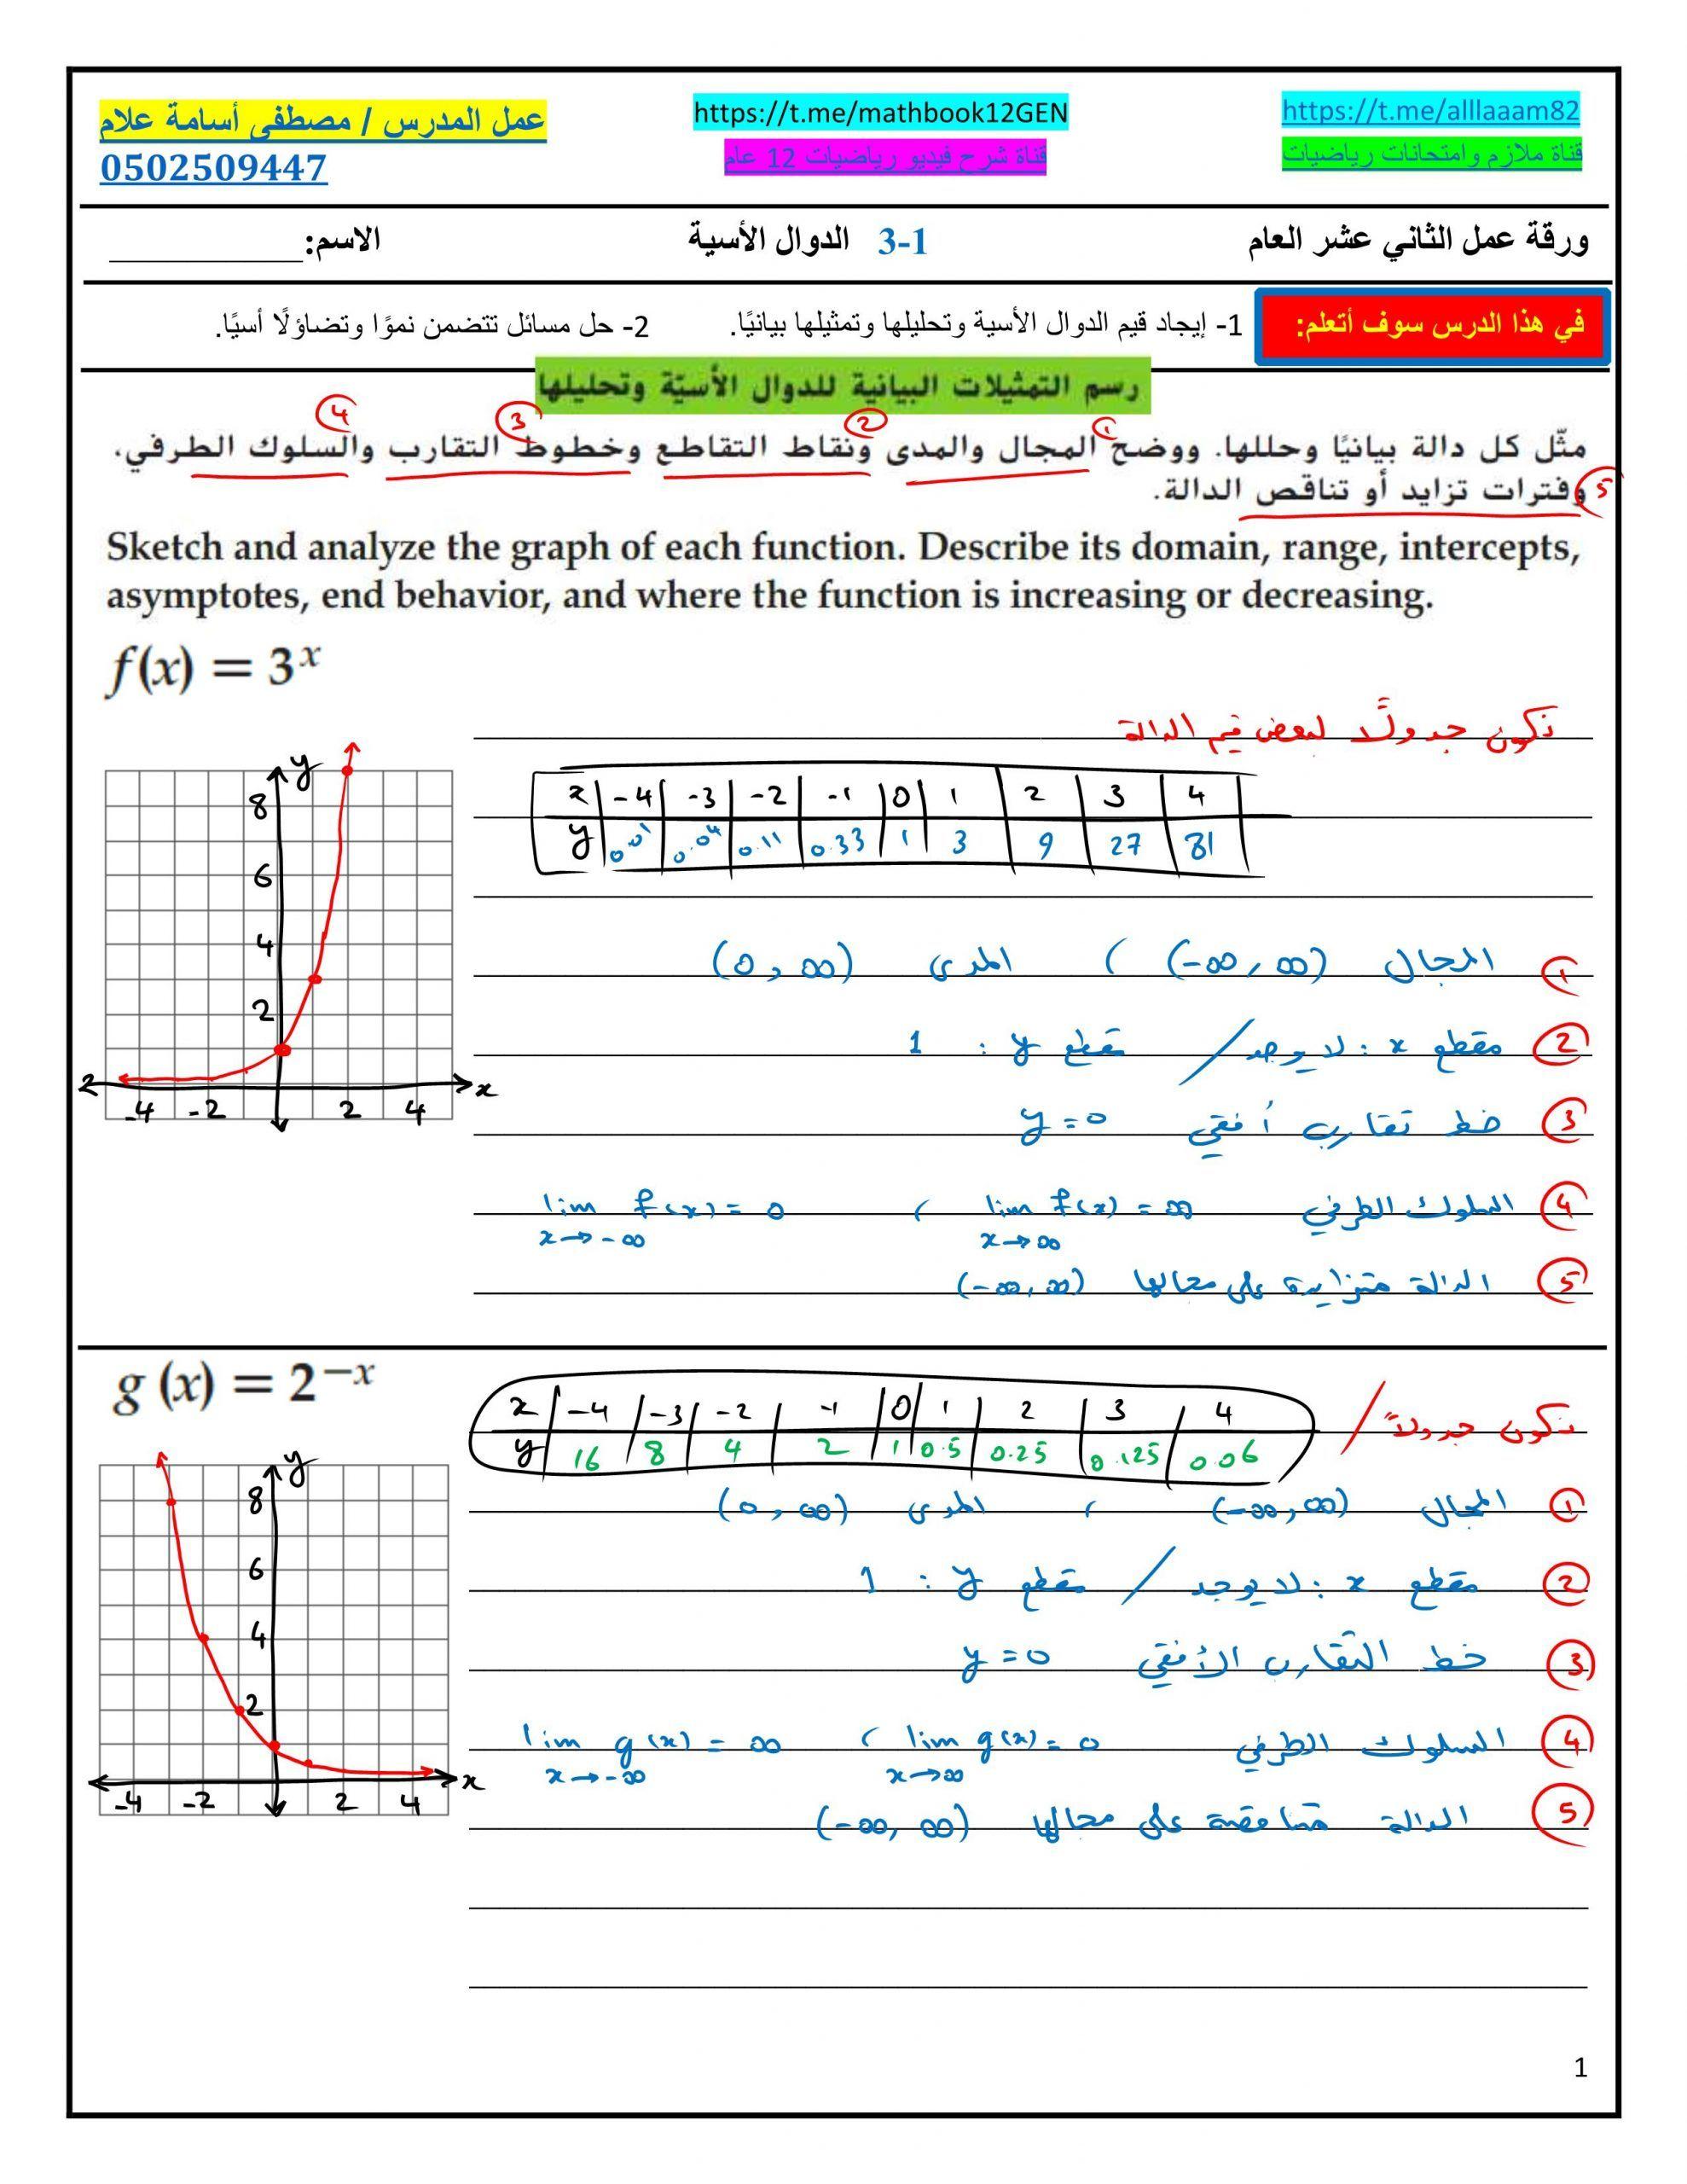 اوراق عمل الدوال الأسية مع الاجابات للصف الثاني عشر عام مادة الرياضيات المتكاملة Graphing Chart Analyze